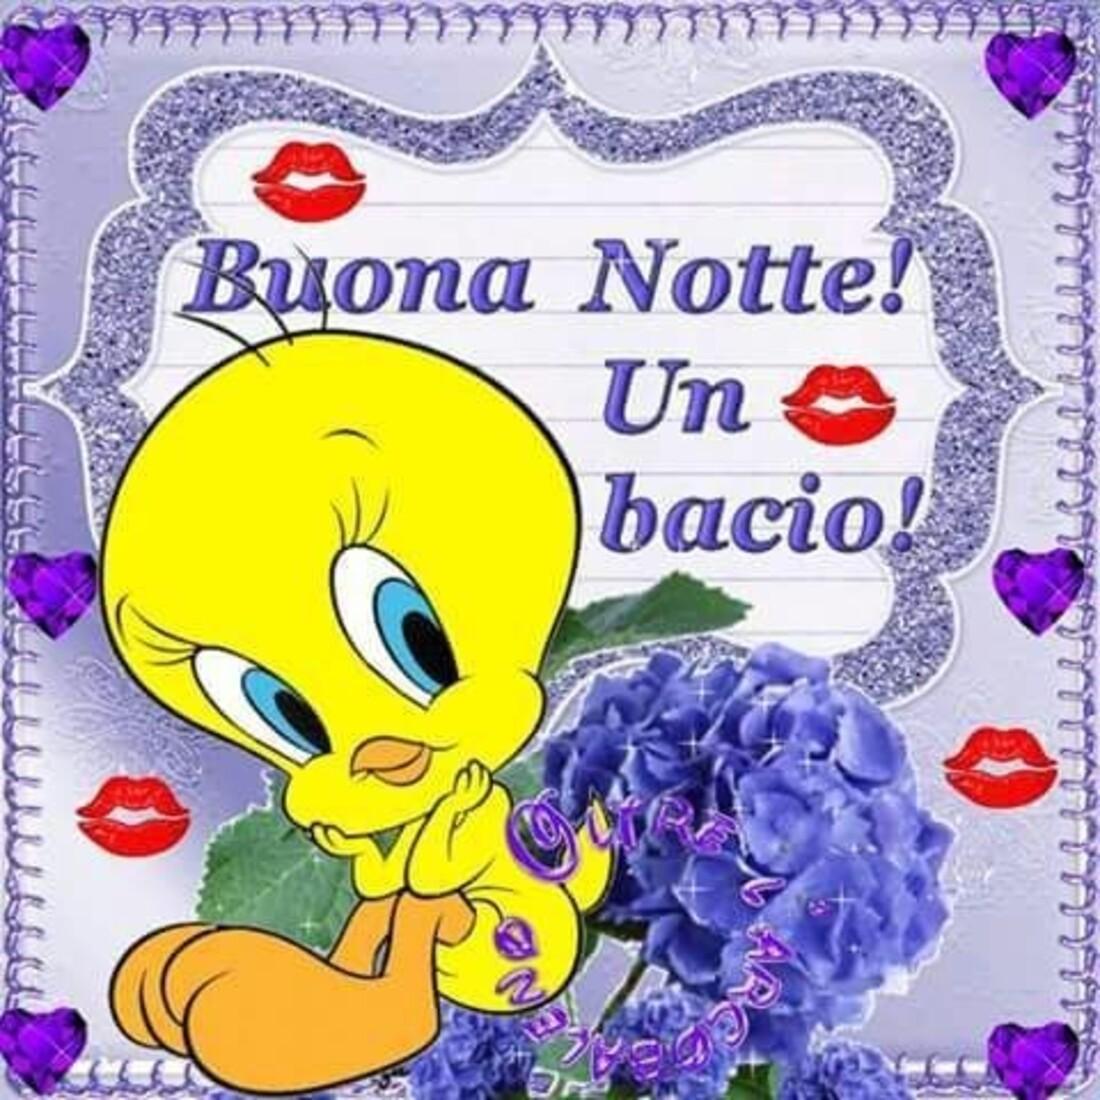 """""""Buona Notte! Un bacio!"""" - Looney Tunes"""